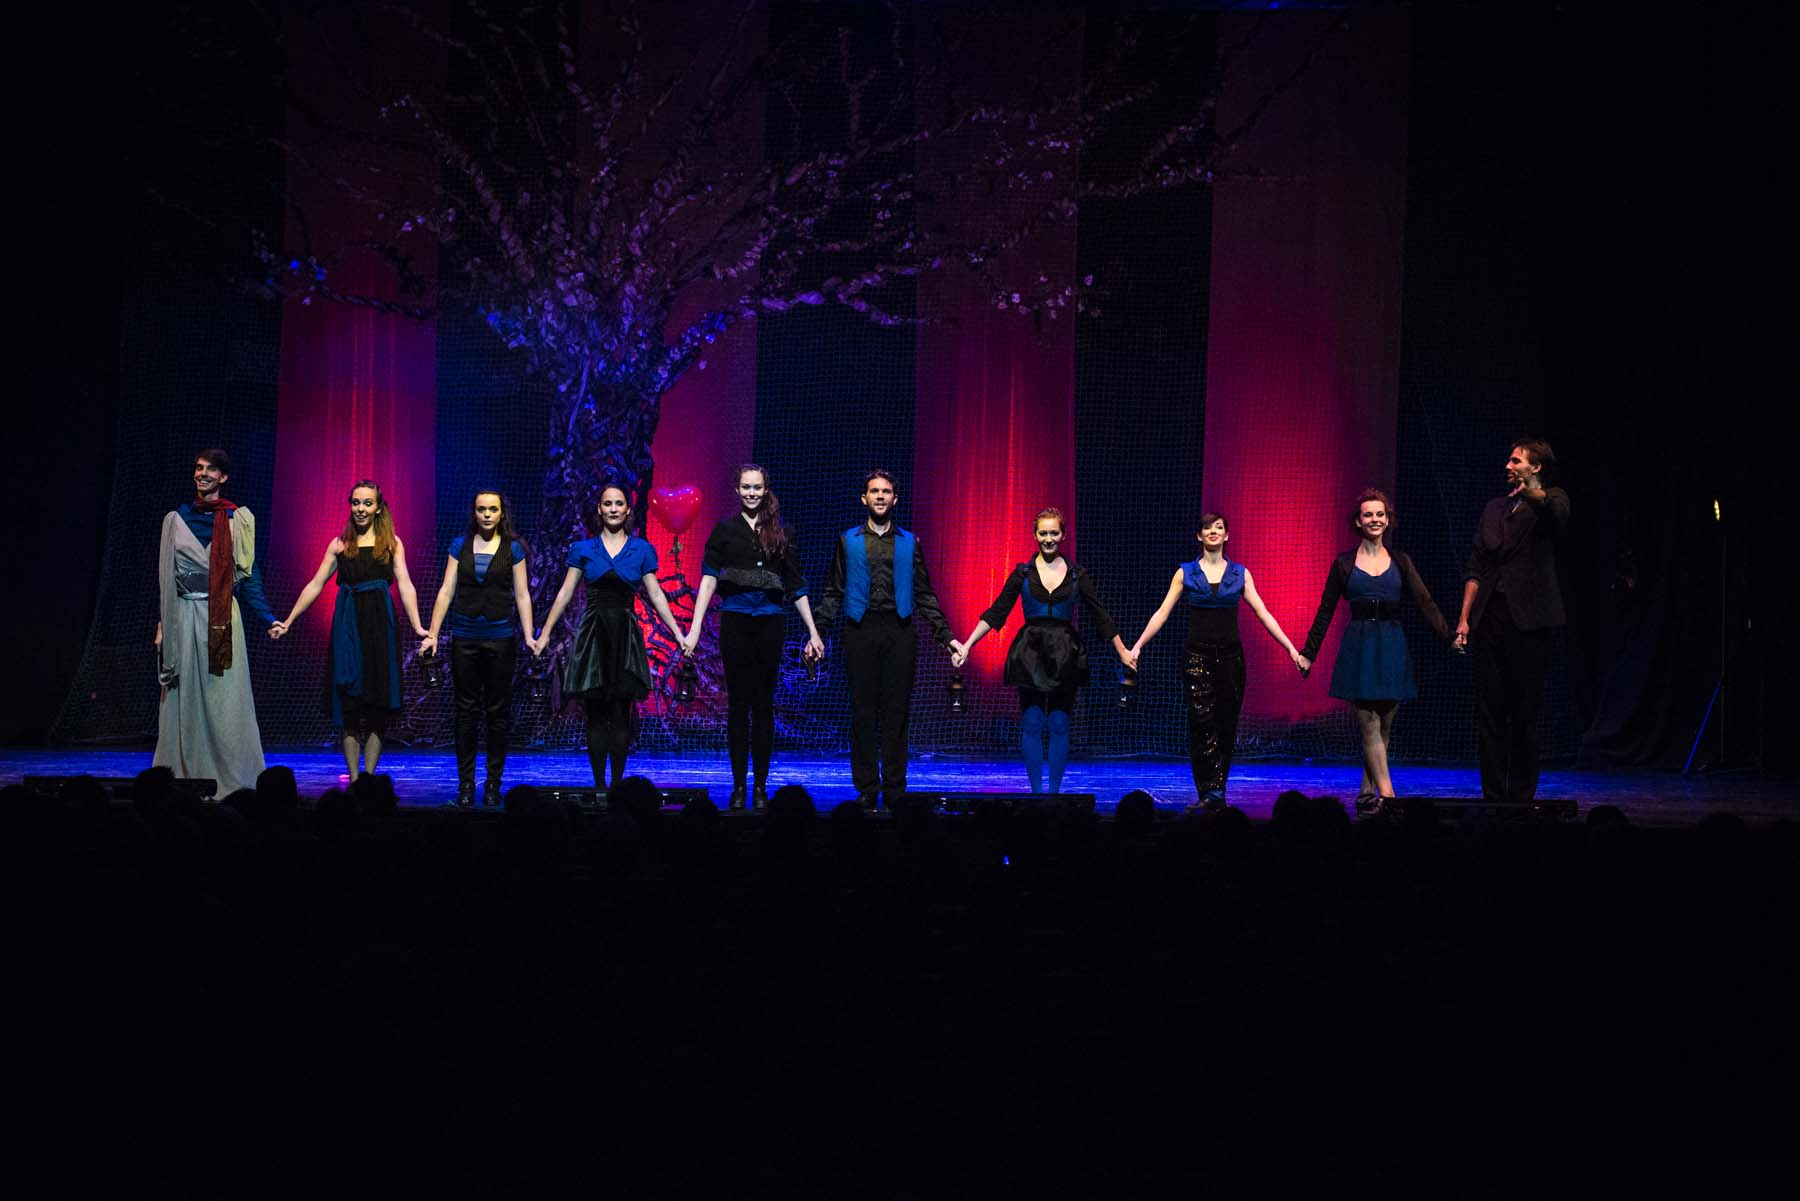 Szentivánéji Álom - a Coincidance táncegyüttes előadásában